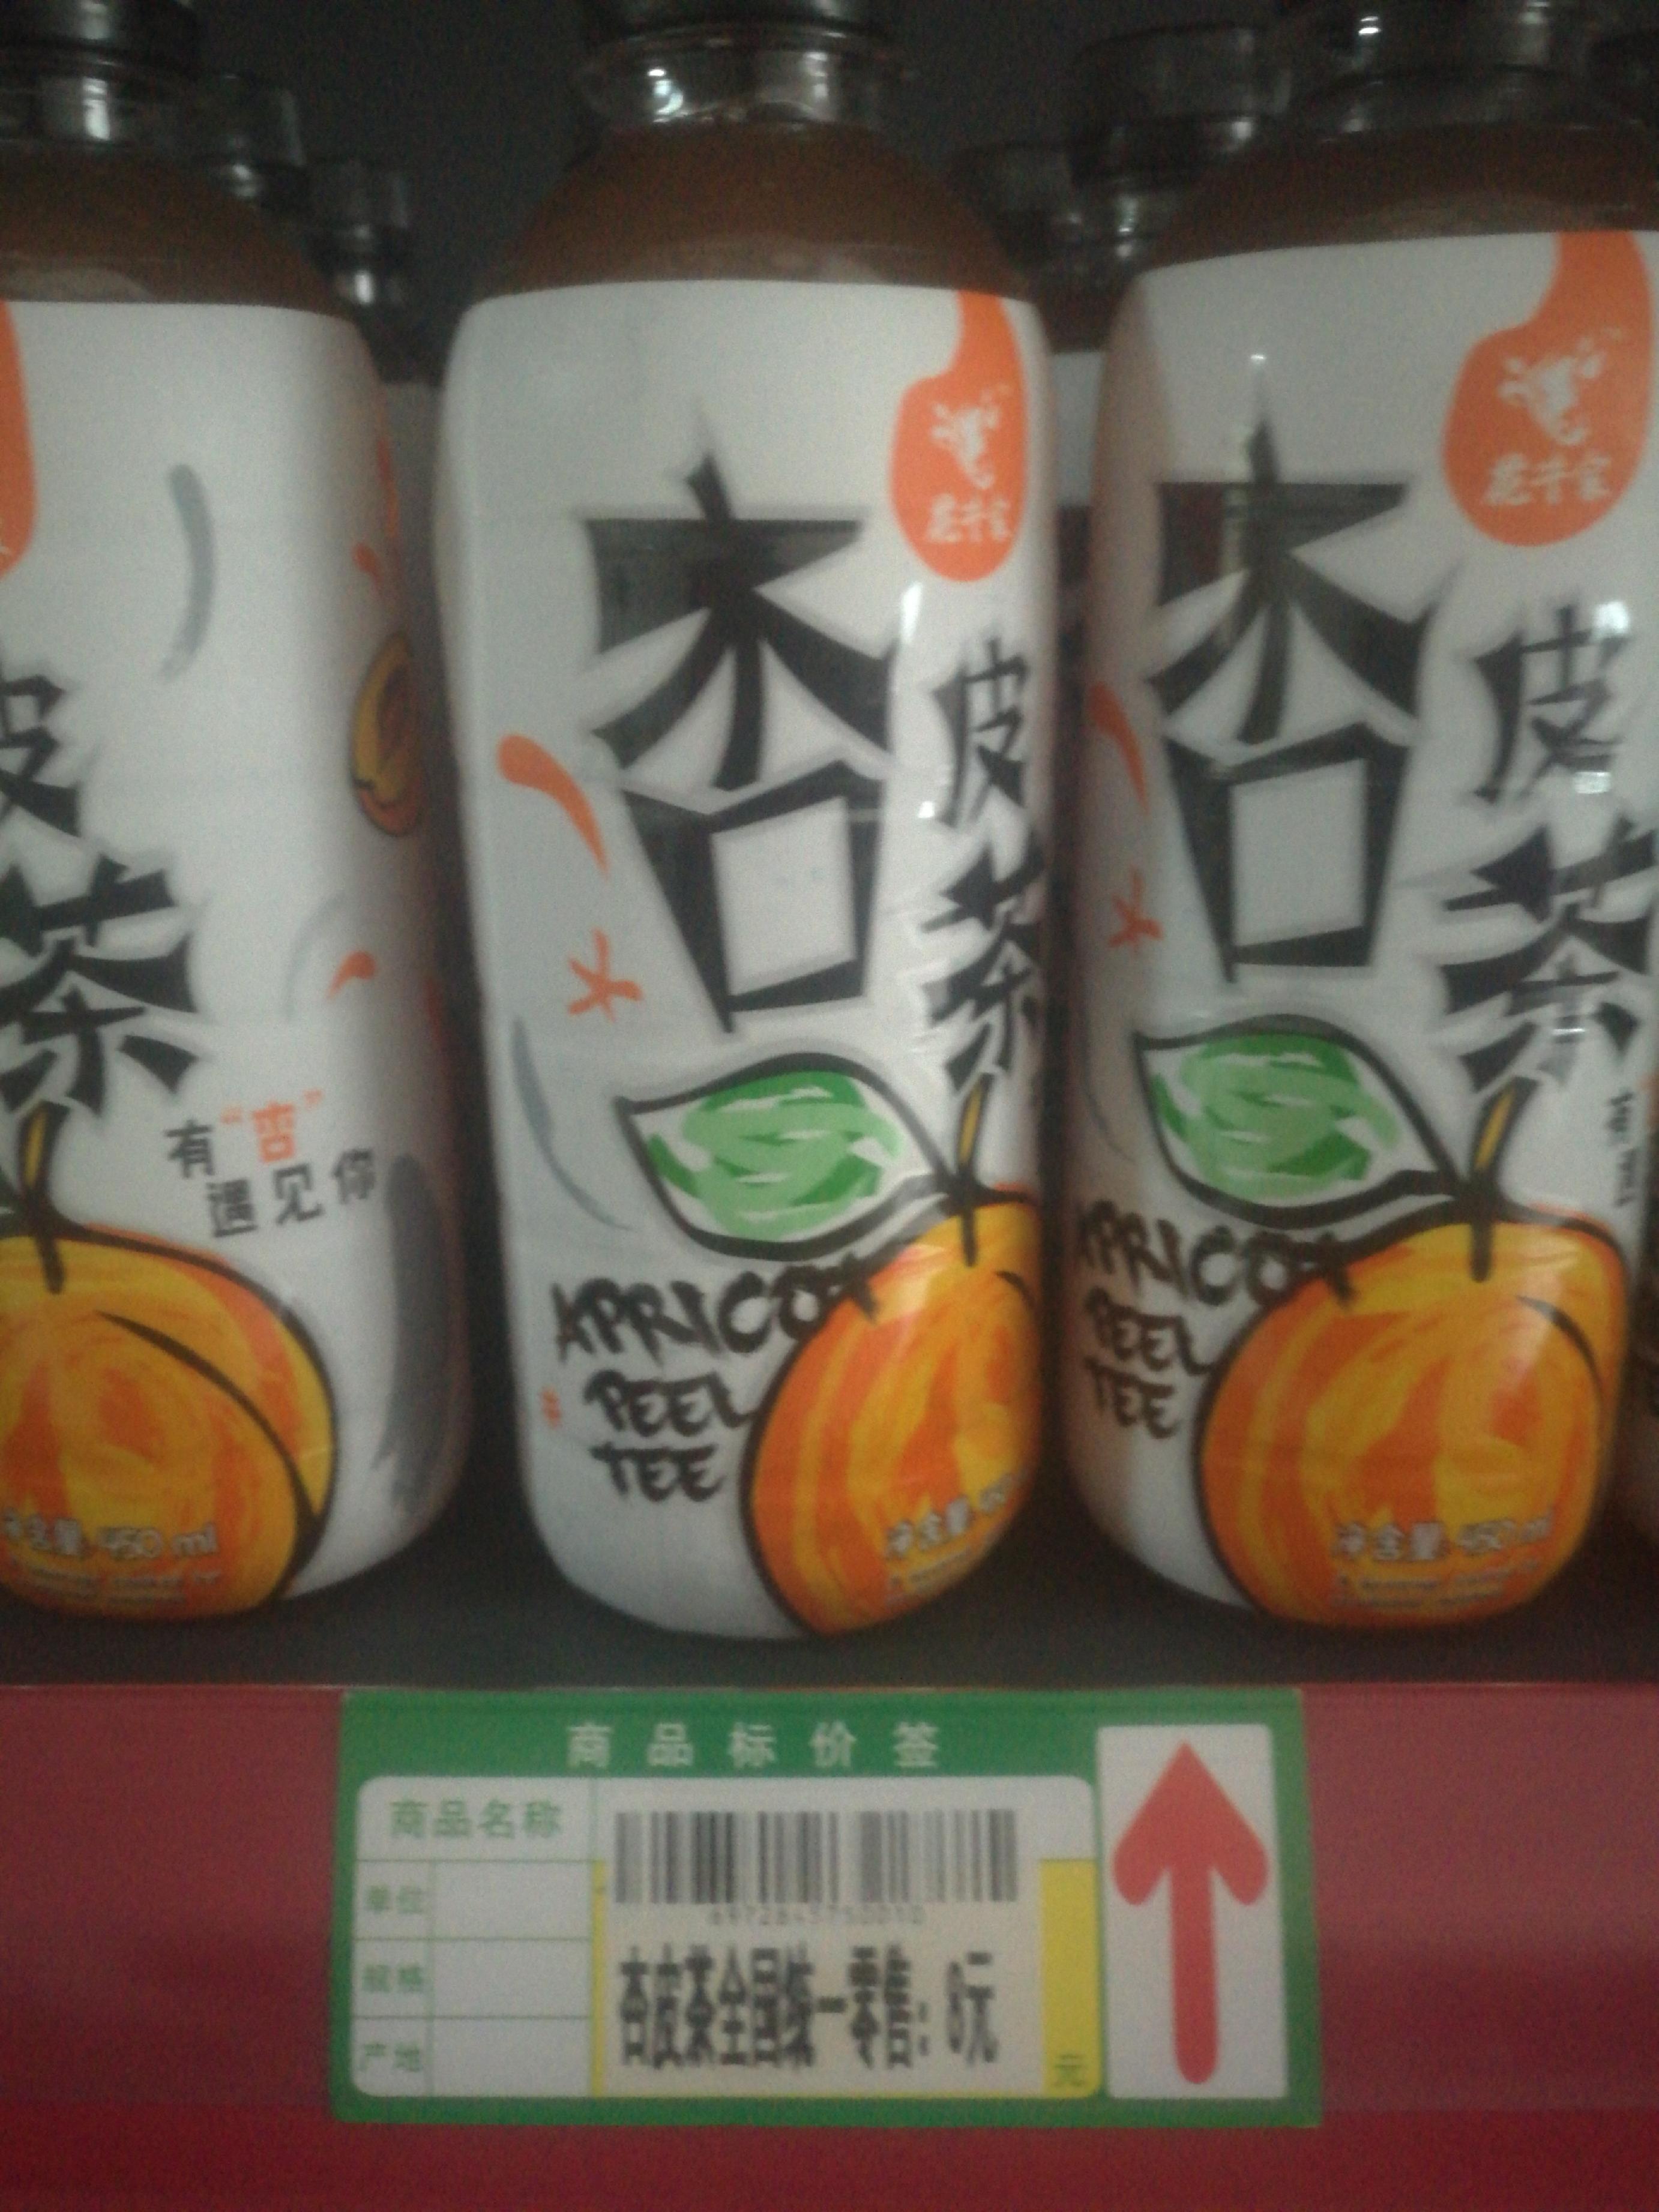 杏皮茶:每箱15瓶